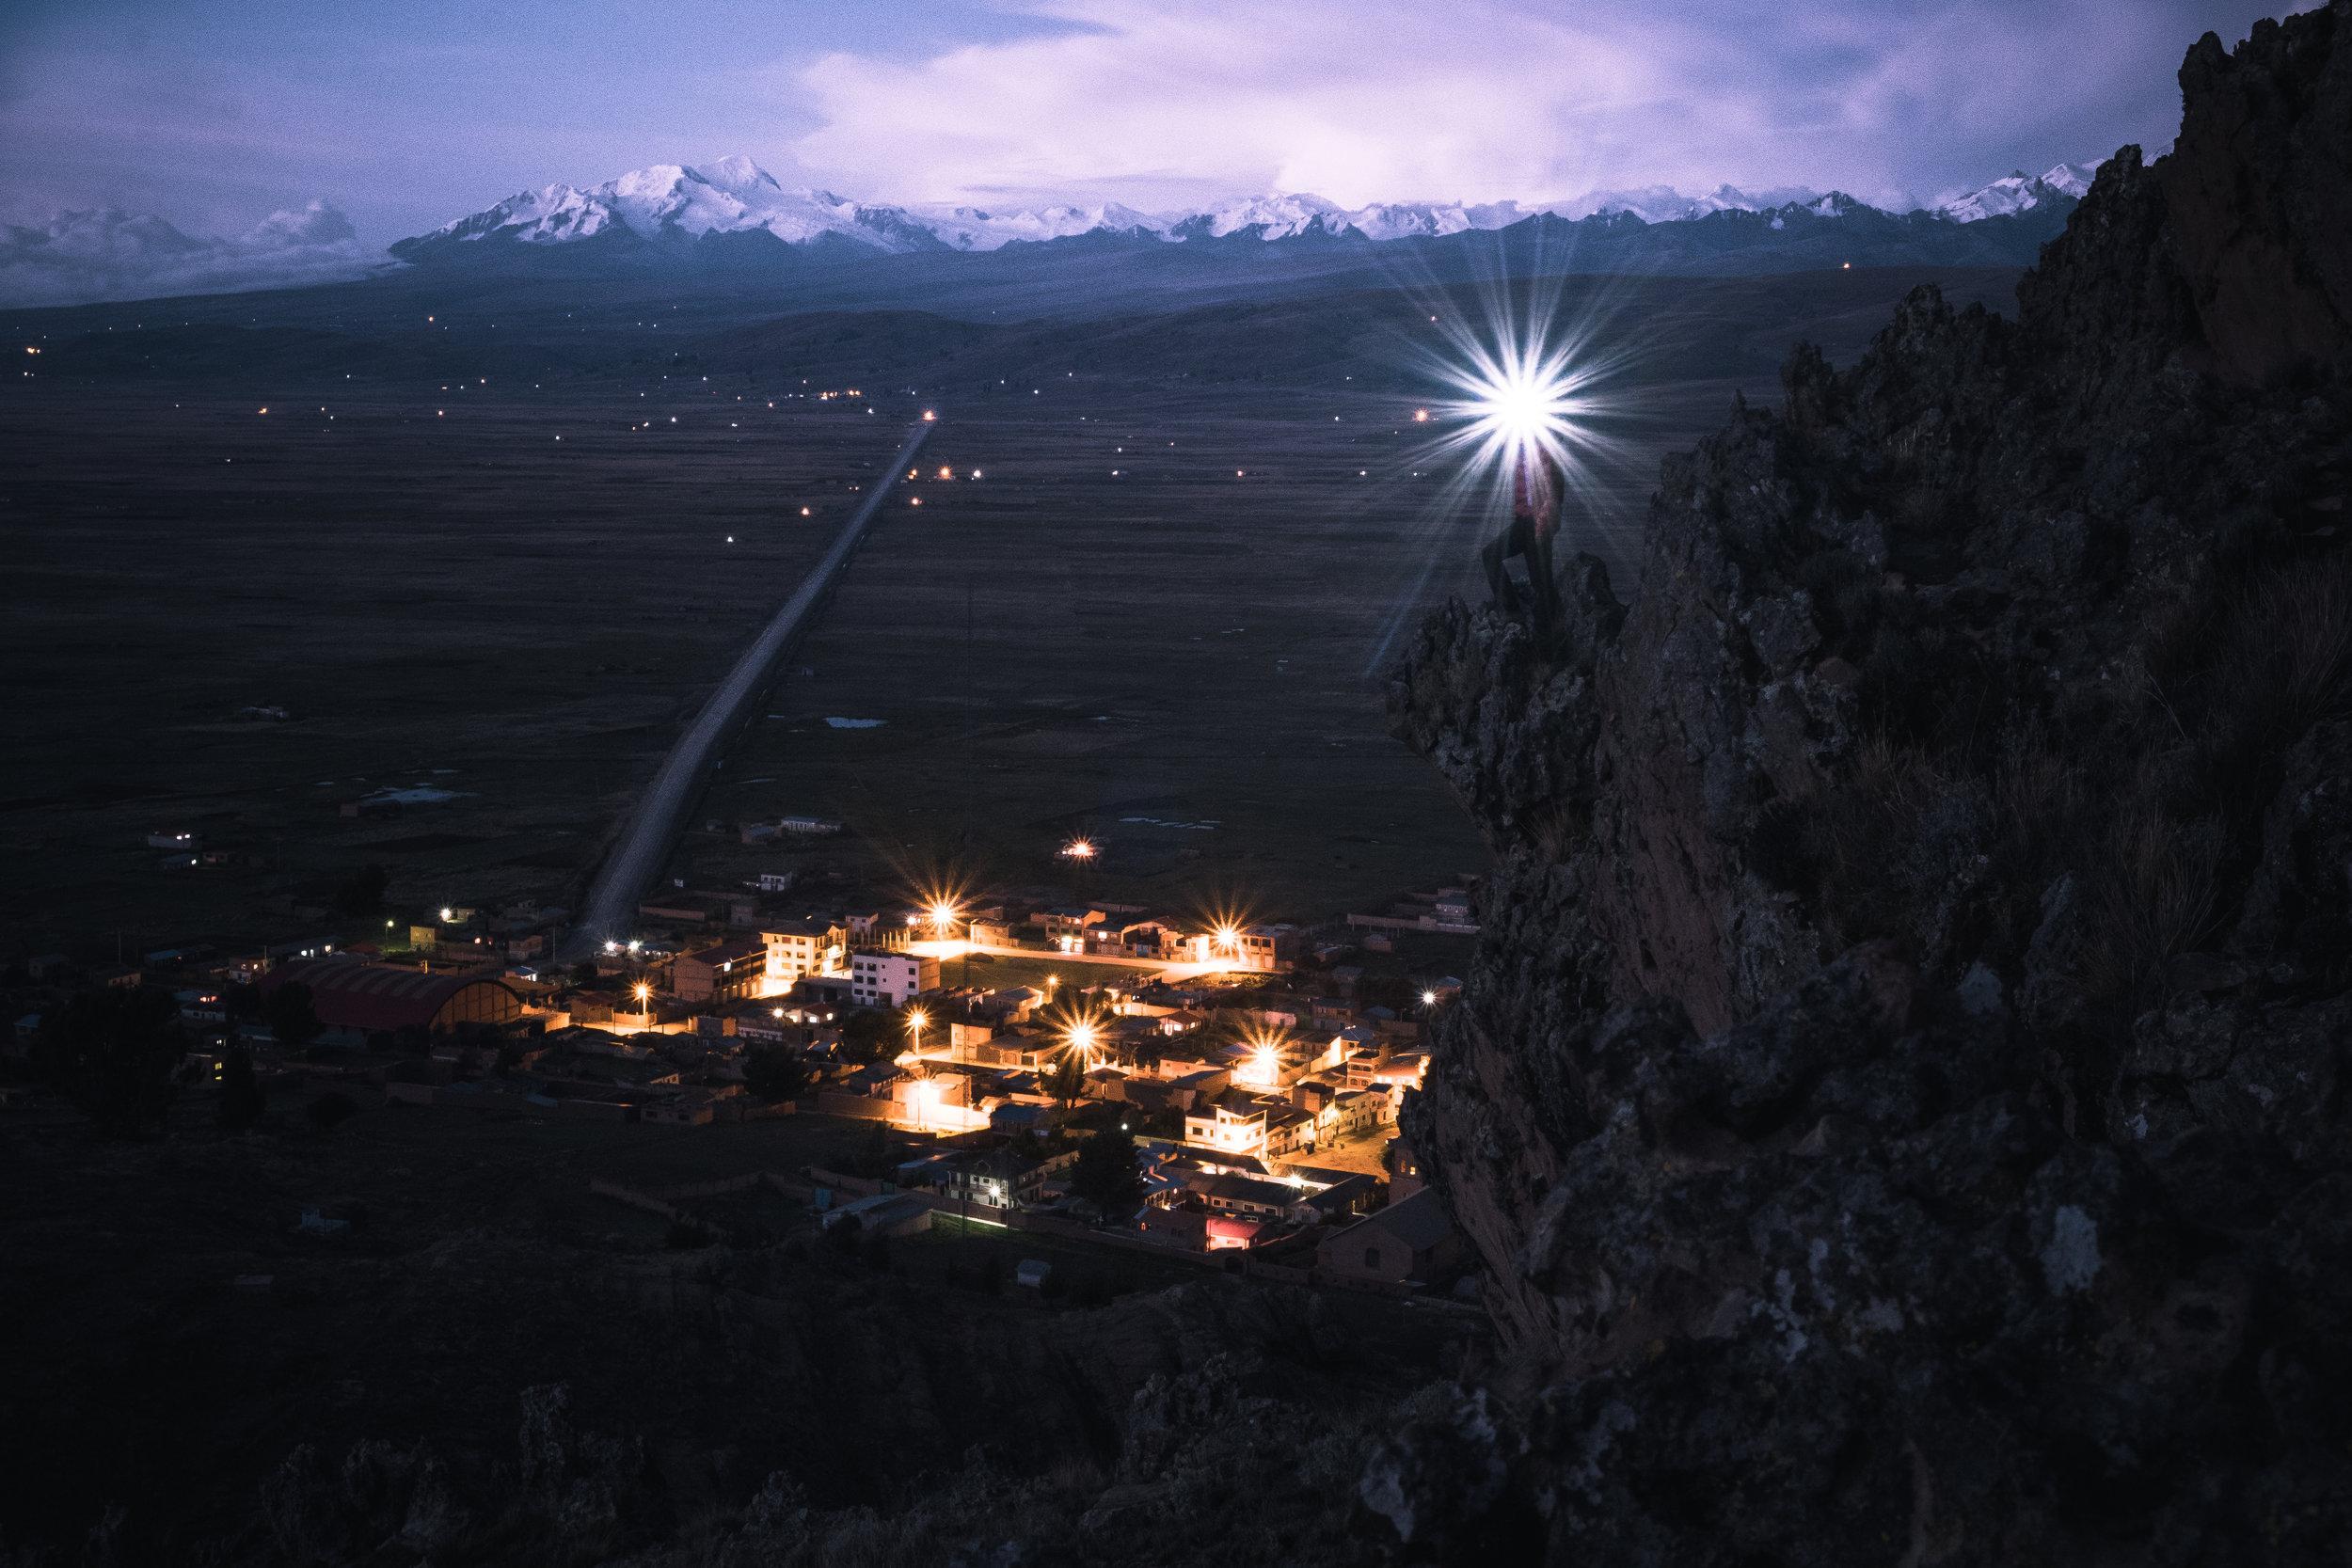 Blue hour above the village Peñas | La Paz